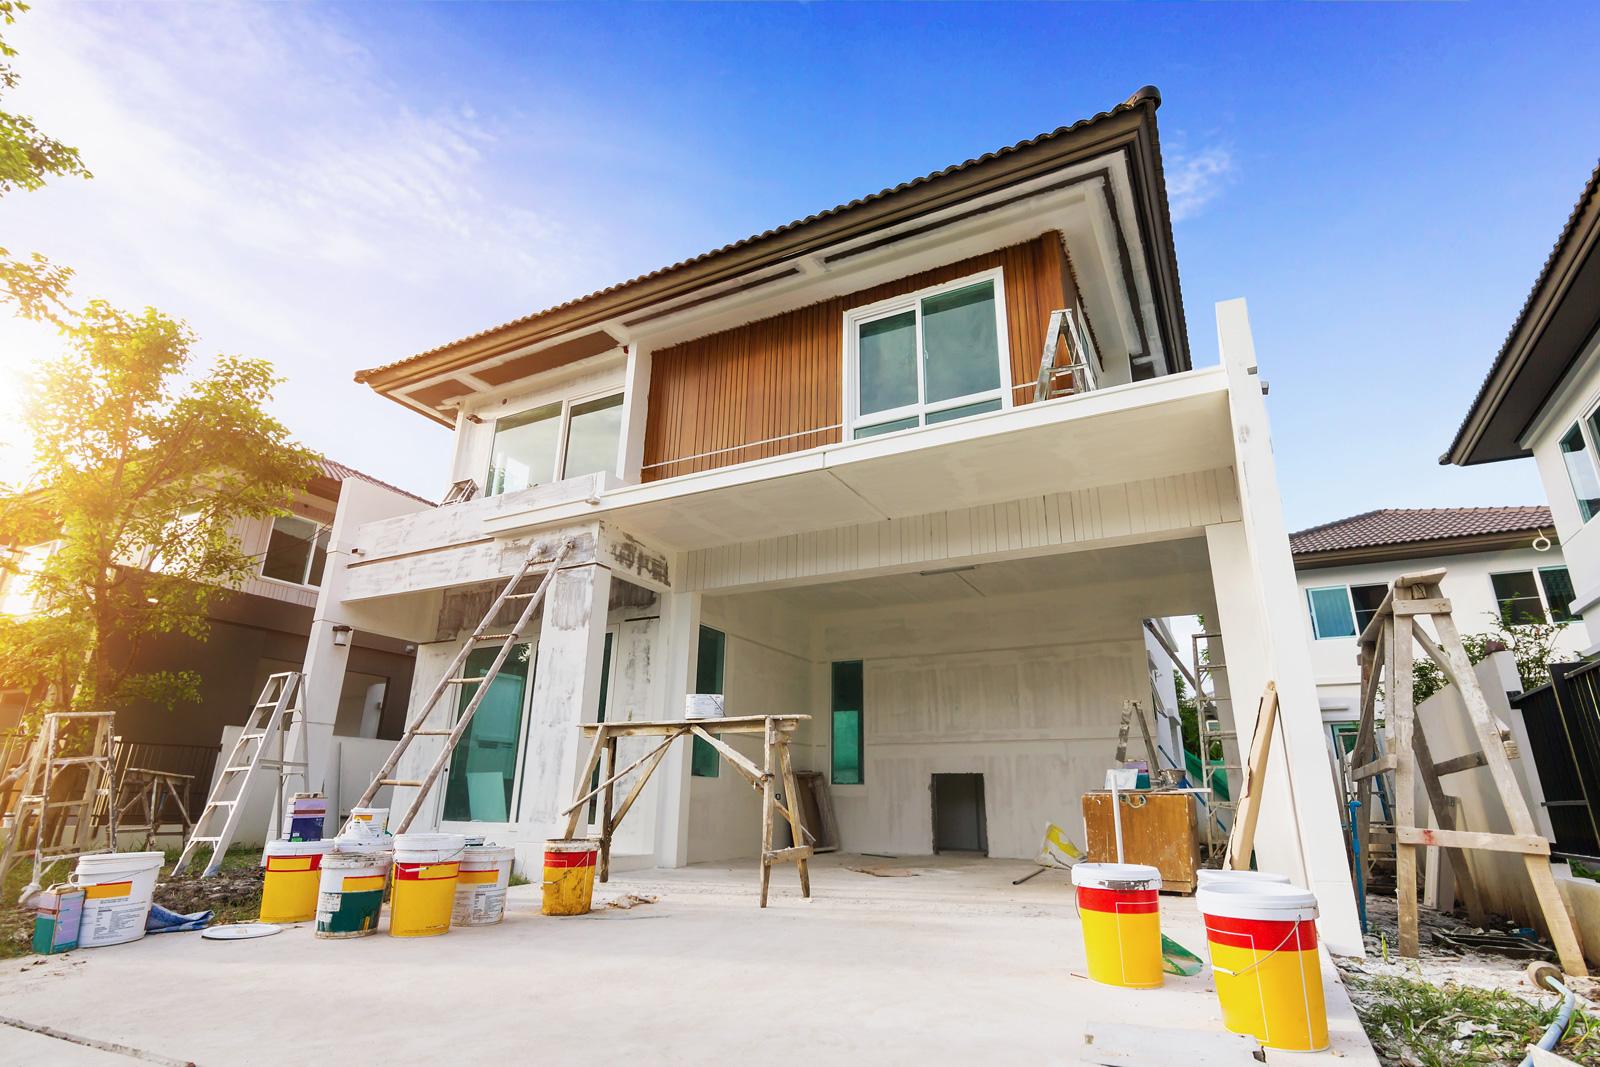 projets d'aménagement avant une vente immobilière